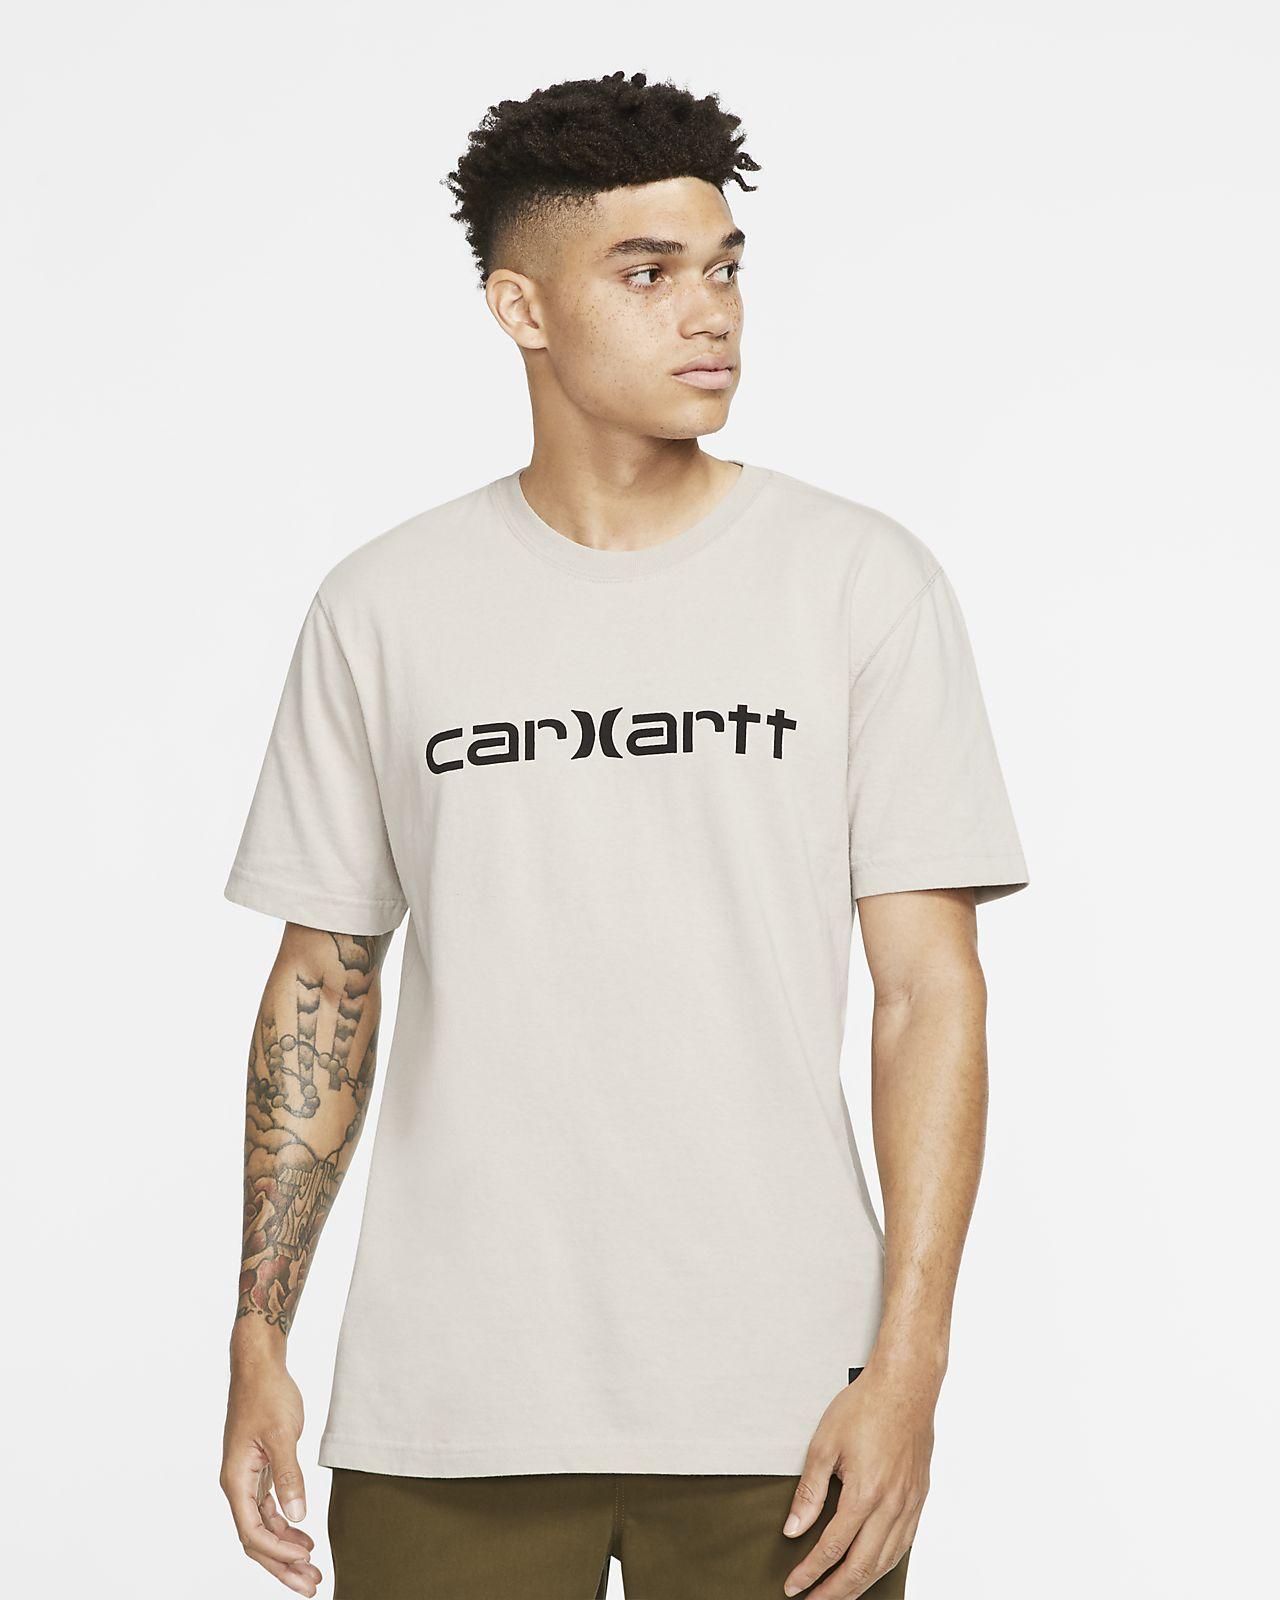 T-shirt Hurley x Carhartt Lockup för män